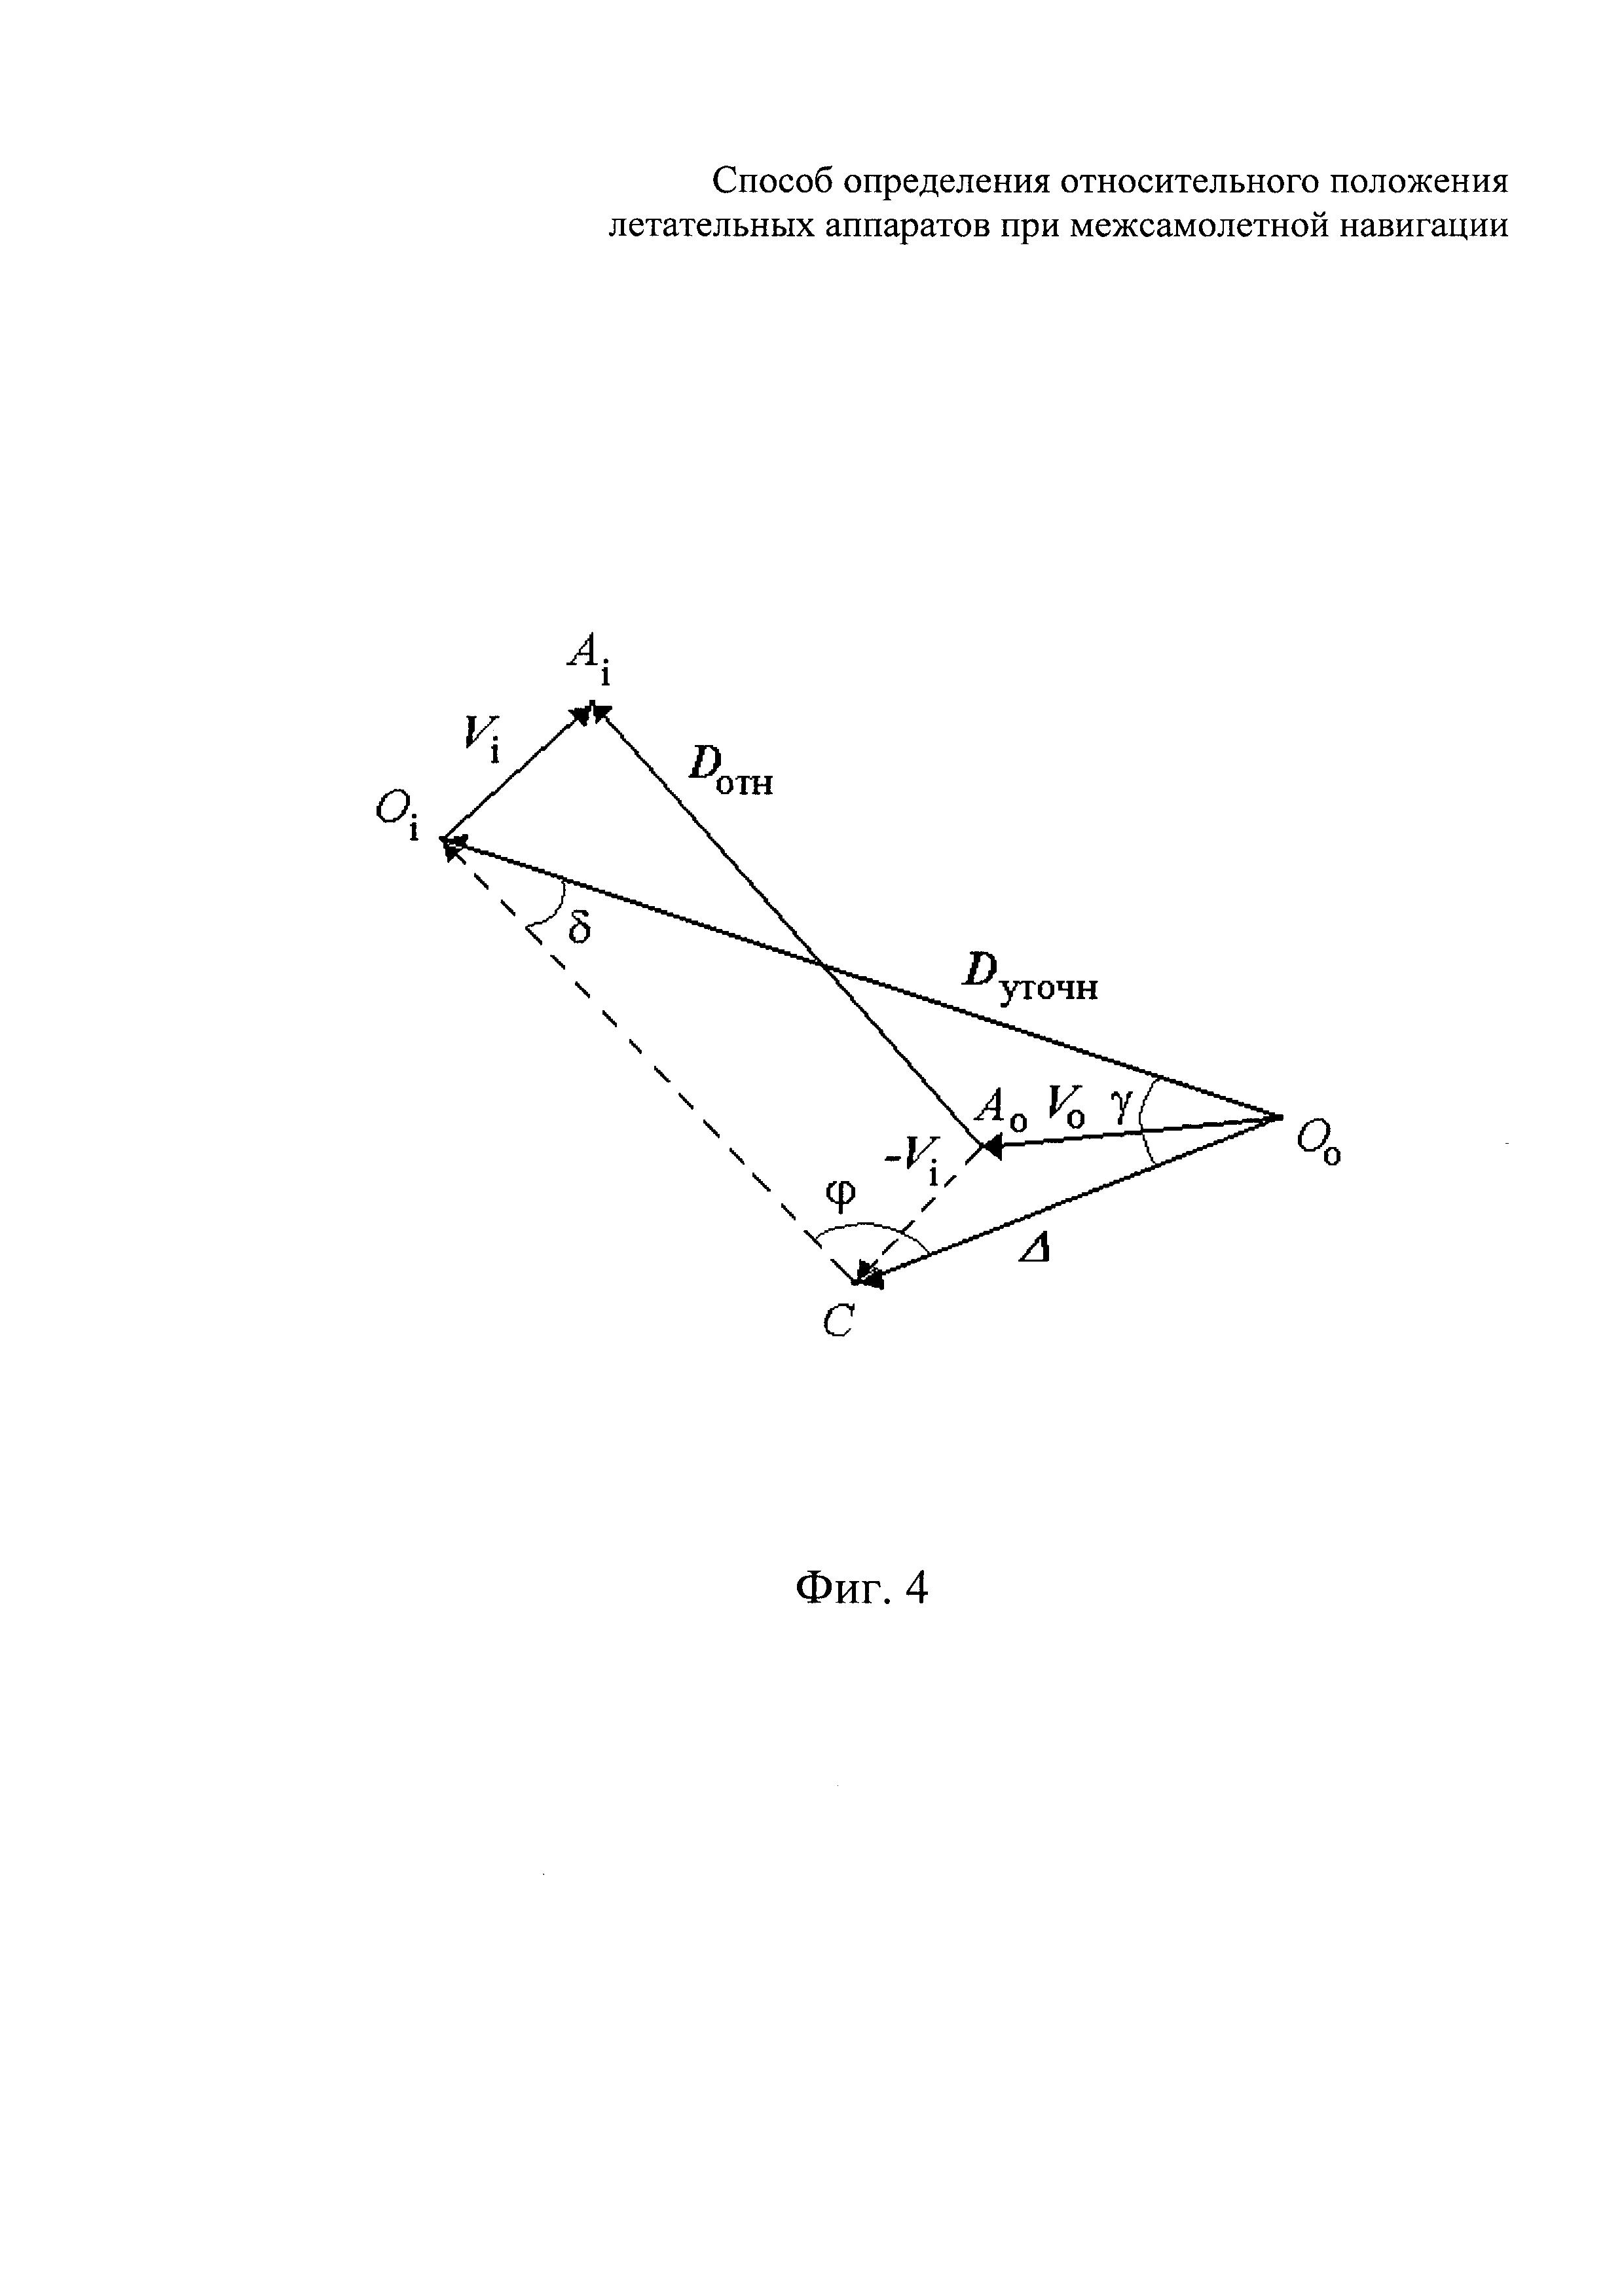 Способ определения относительного положения летательных аппаратов при межсамолетной навигации